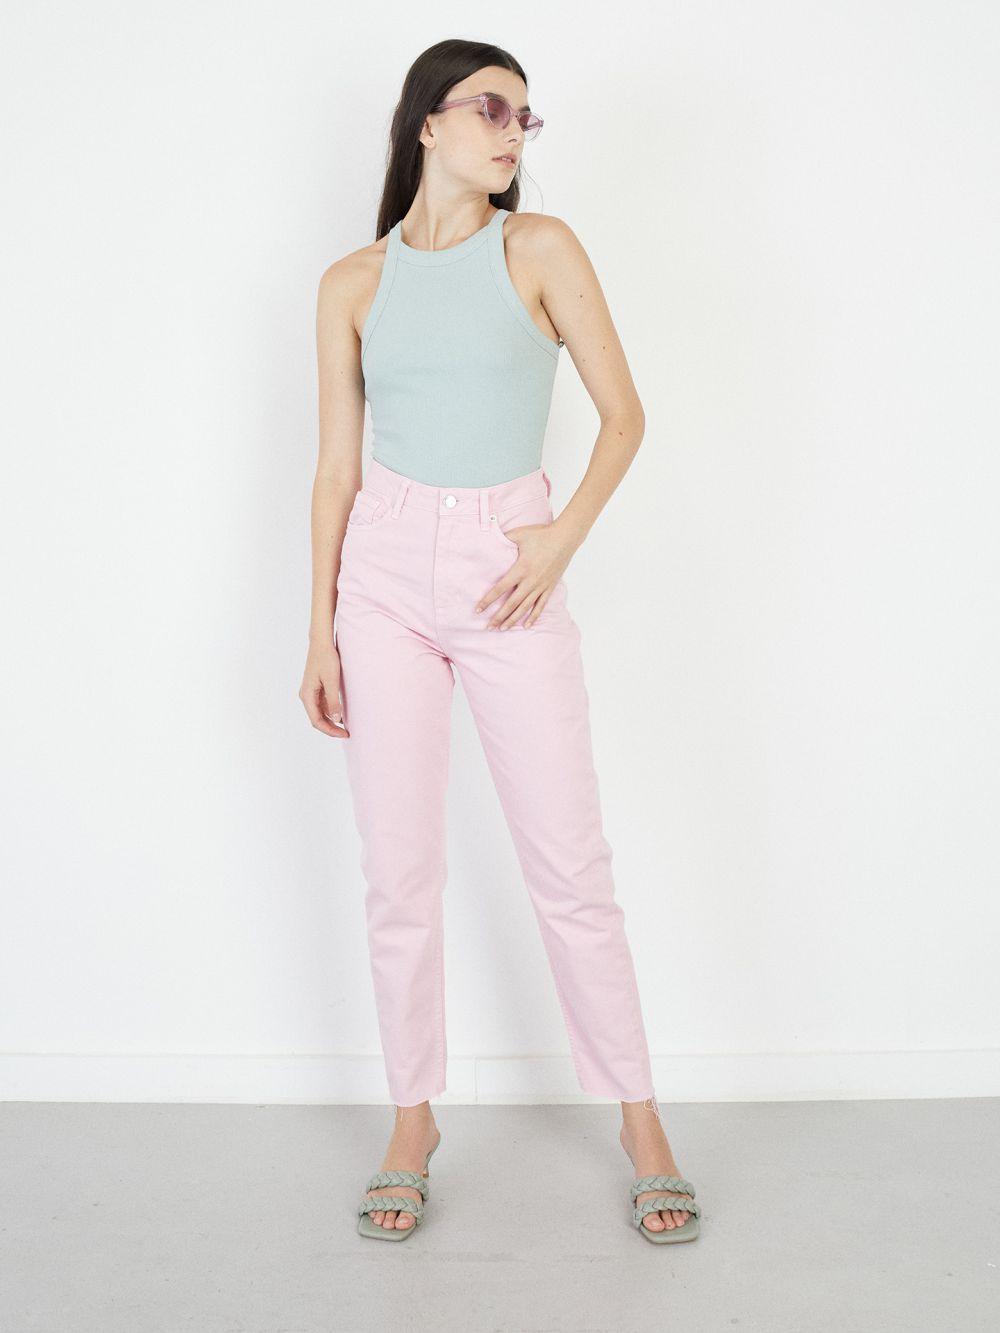 ג'ינס MOM צבע פסטל